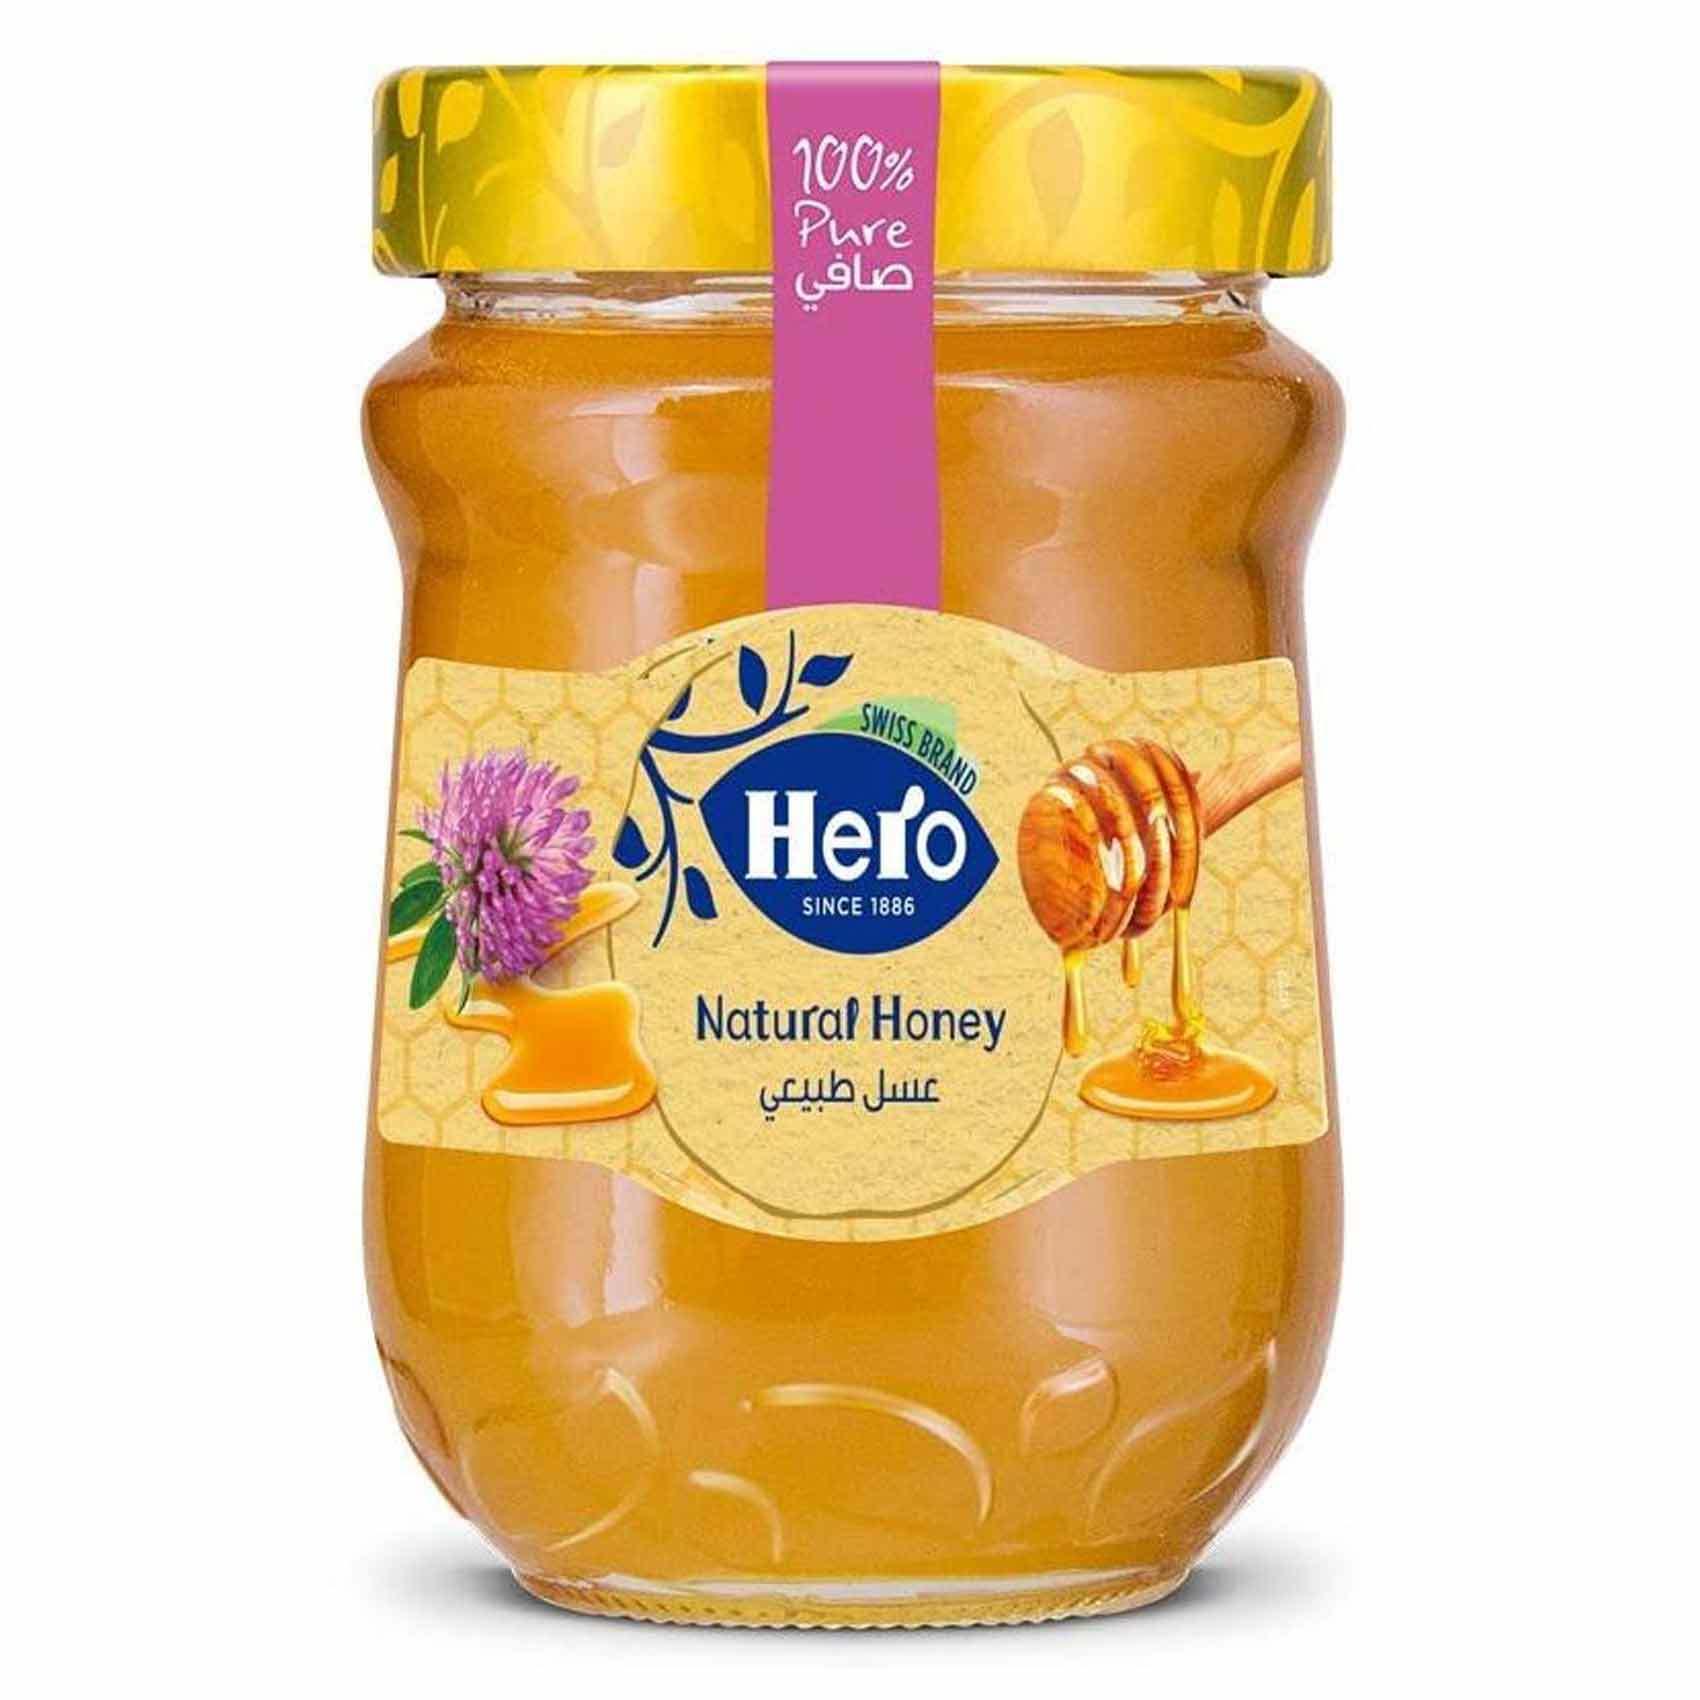 hero-natural-honey